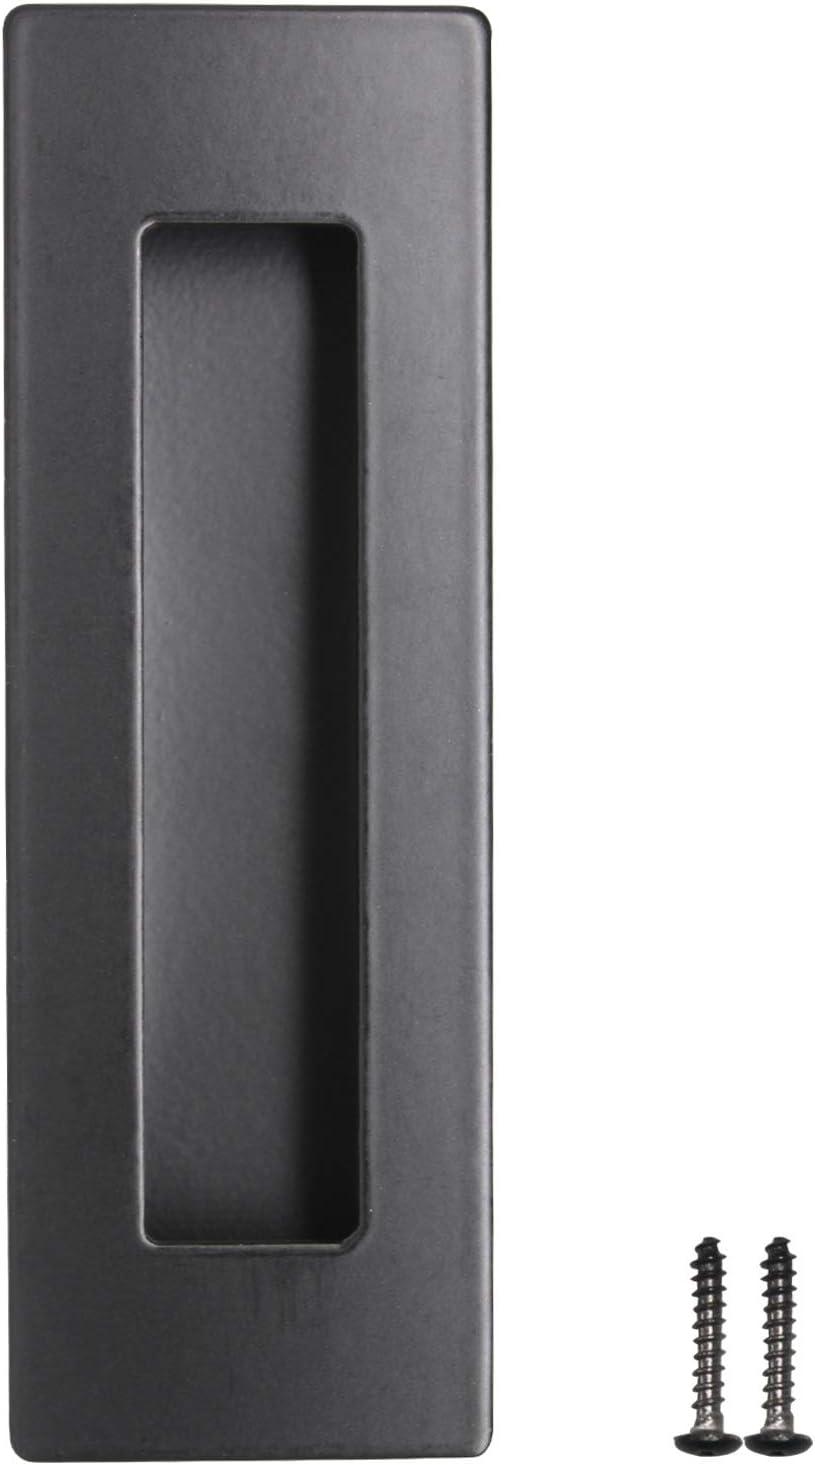 Tirador de puerta corredera de acero inoxidable con agujeros de montaje ocultos (1 unidad): Amazon.es: Bricolaje y herramientas